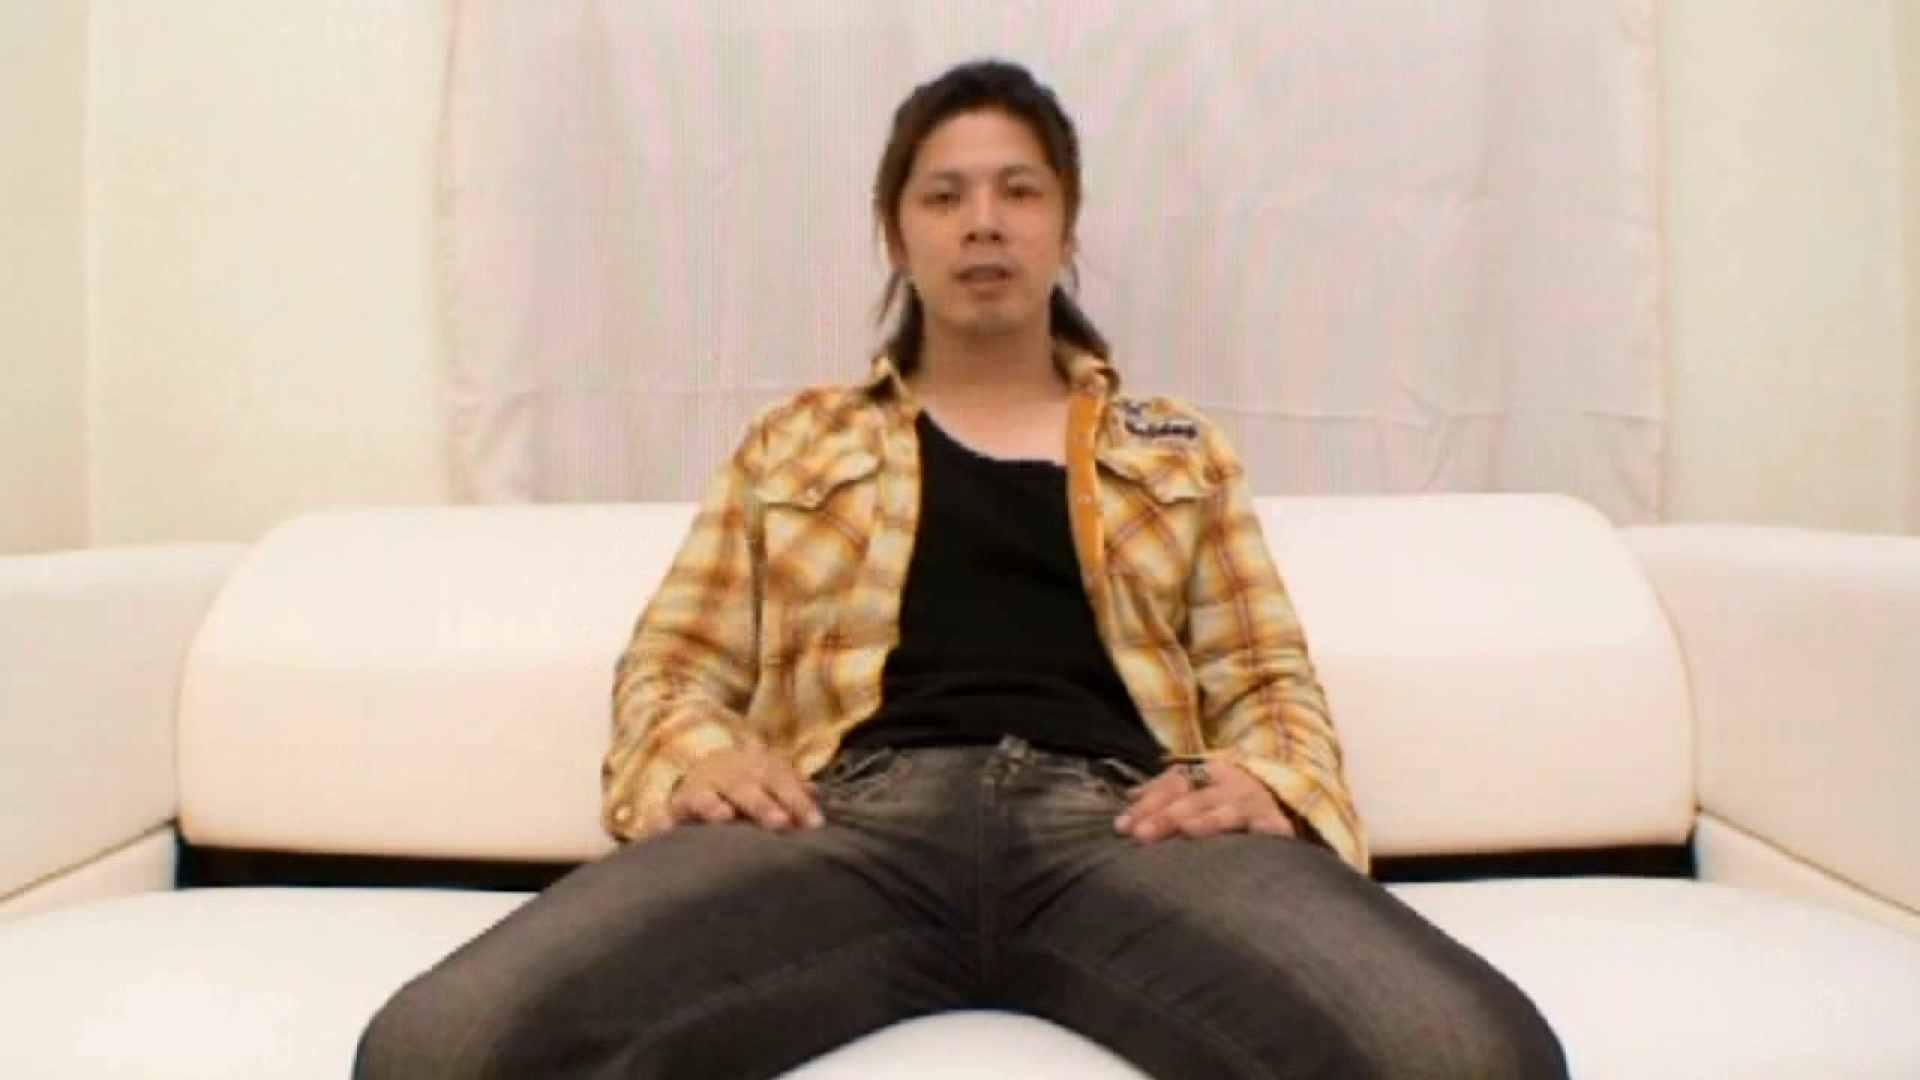 ノンケ!自慰スタジオ No.18 イケメンパラダイス ゲイ丸見え画像 110pic 36